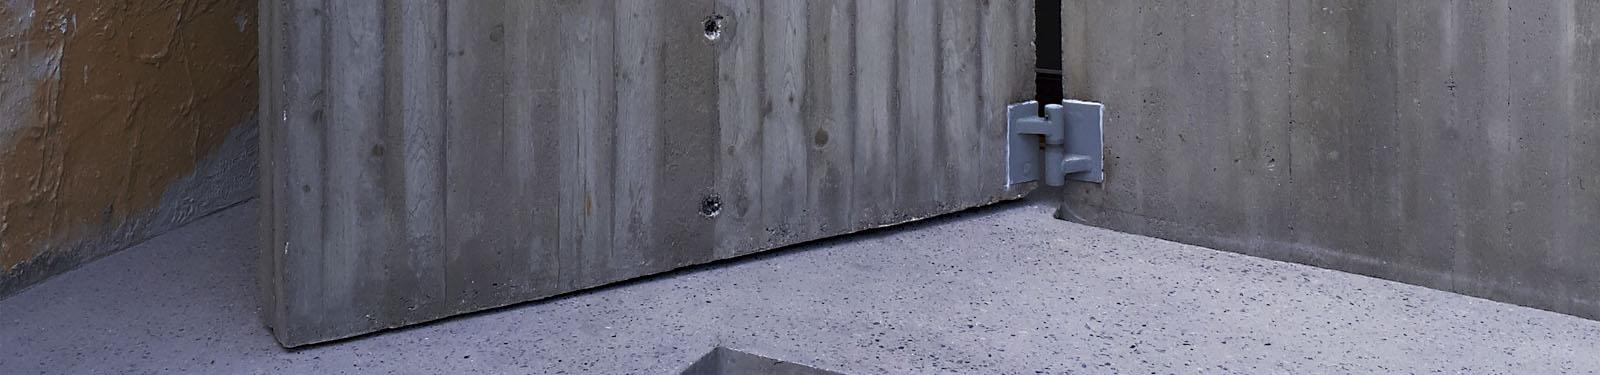 in-situ-beton-topbillede